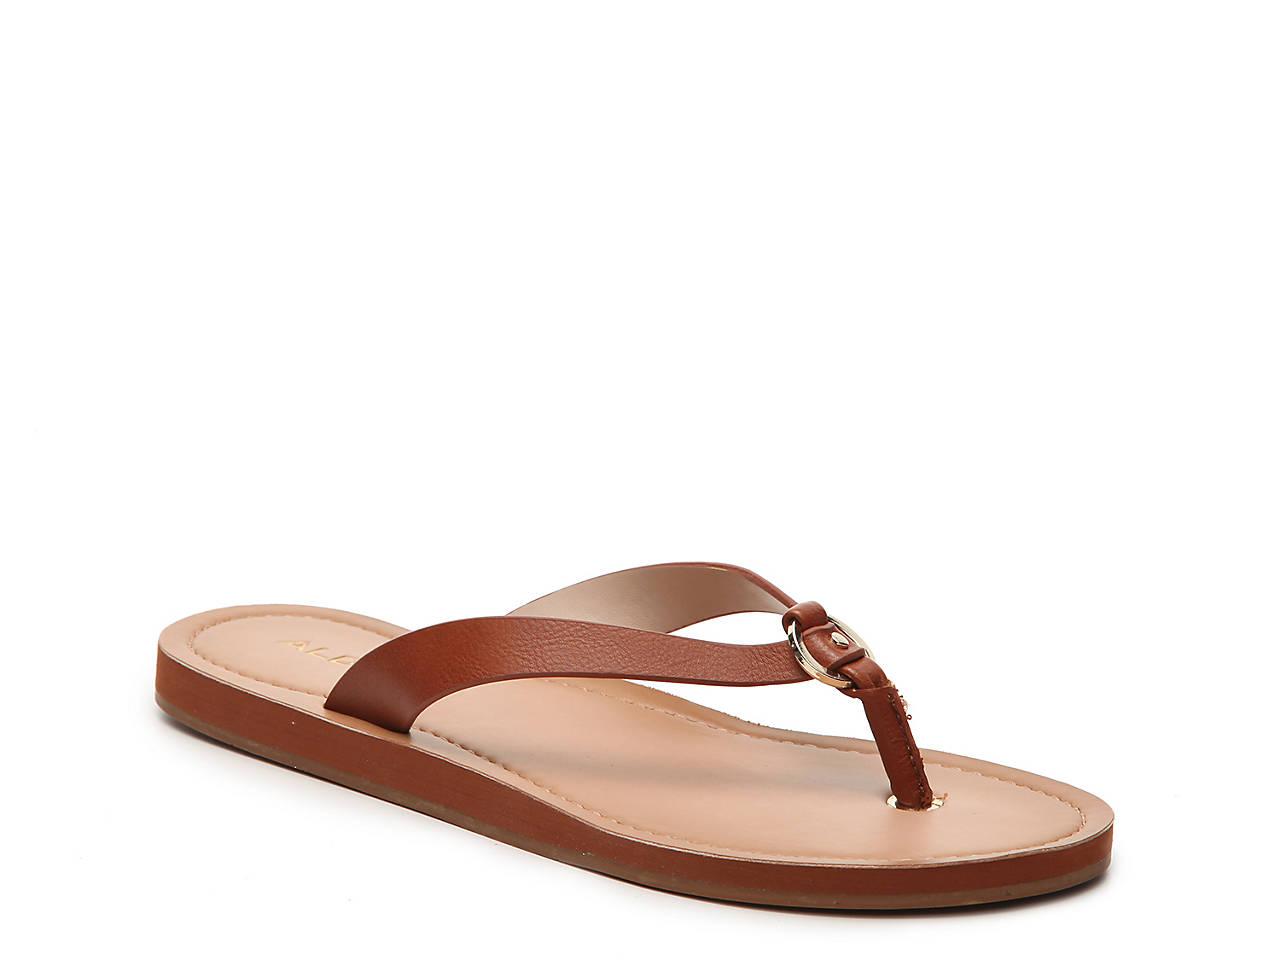 fd395184e10 Aldo Dorsten Flat Sandal Women s Shoes